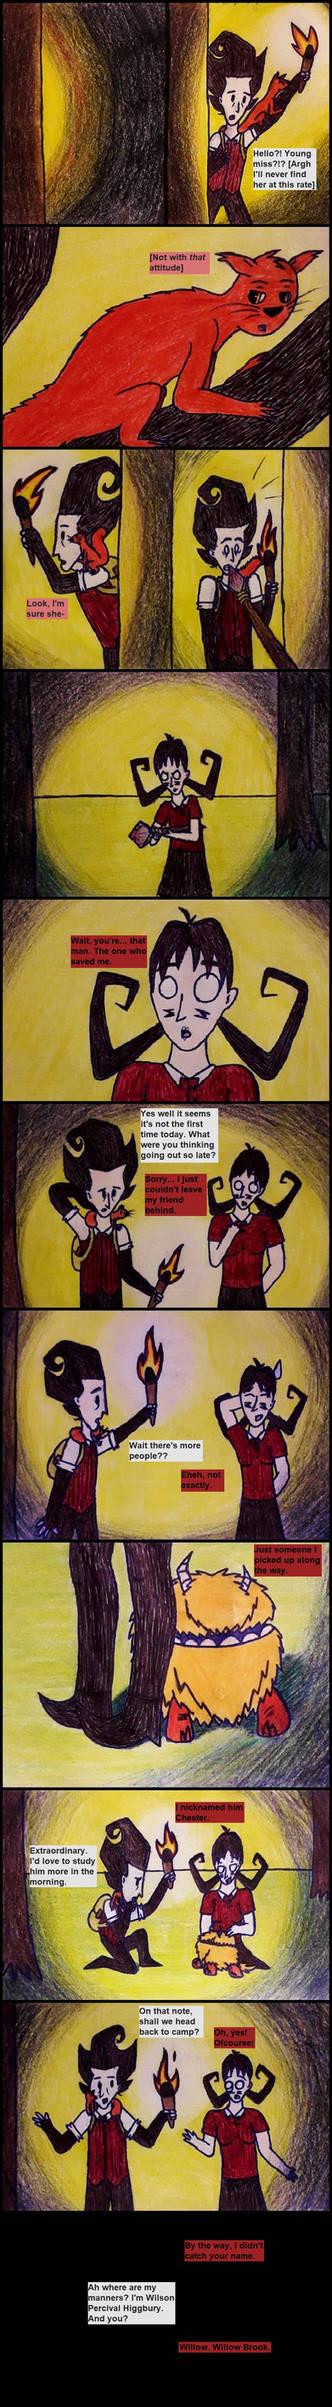 Wilson meets Red (comic pt 12)